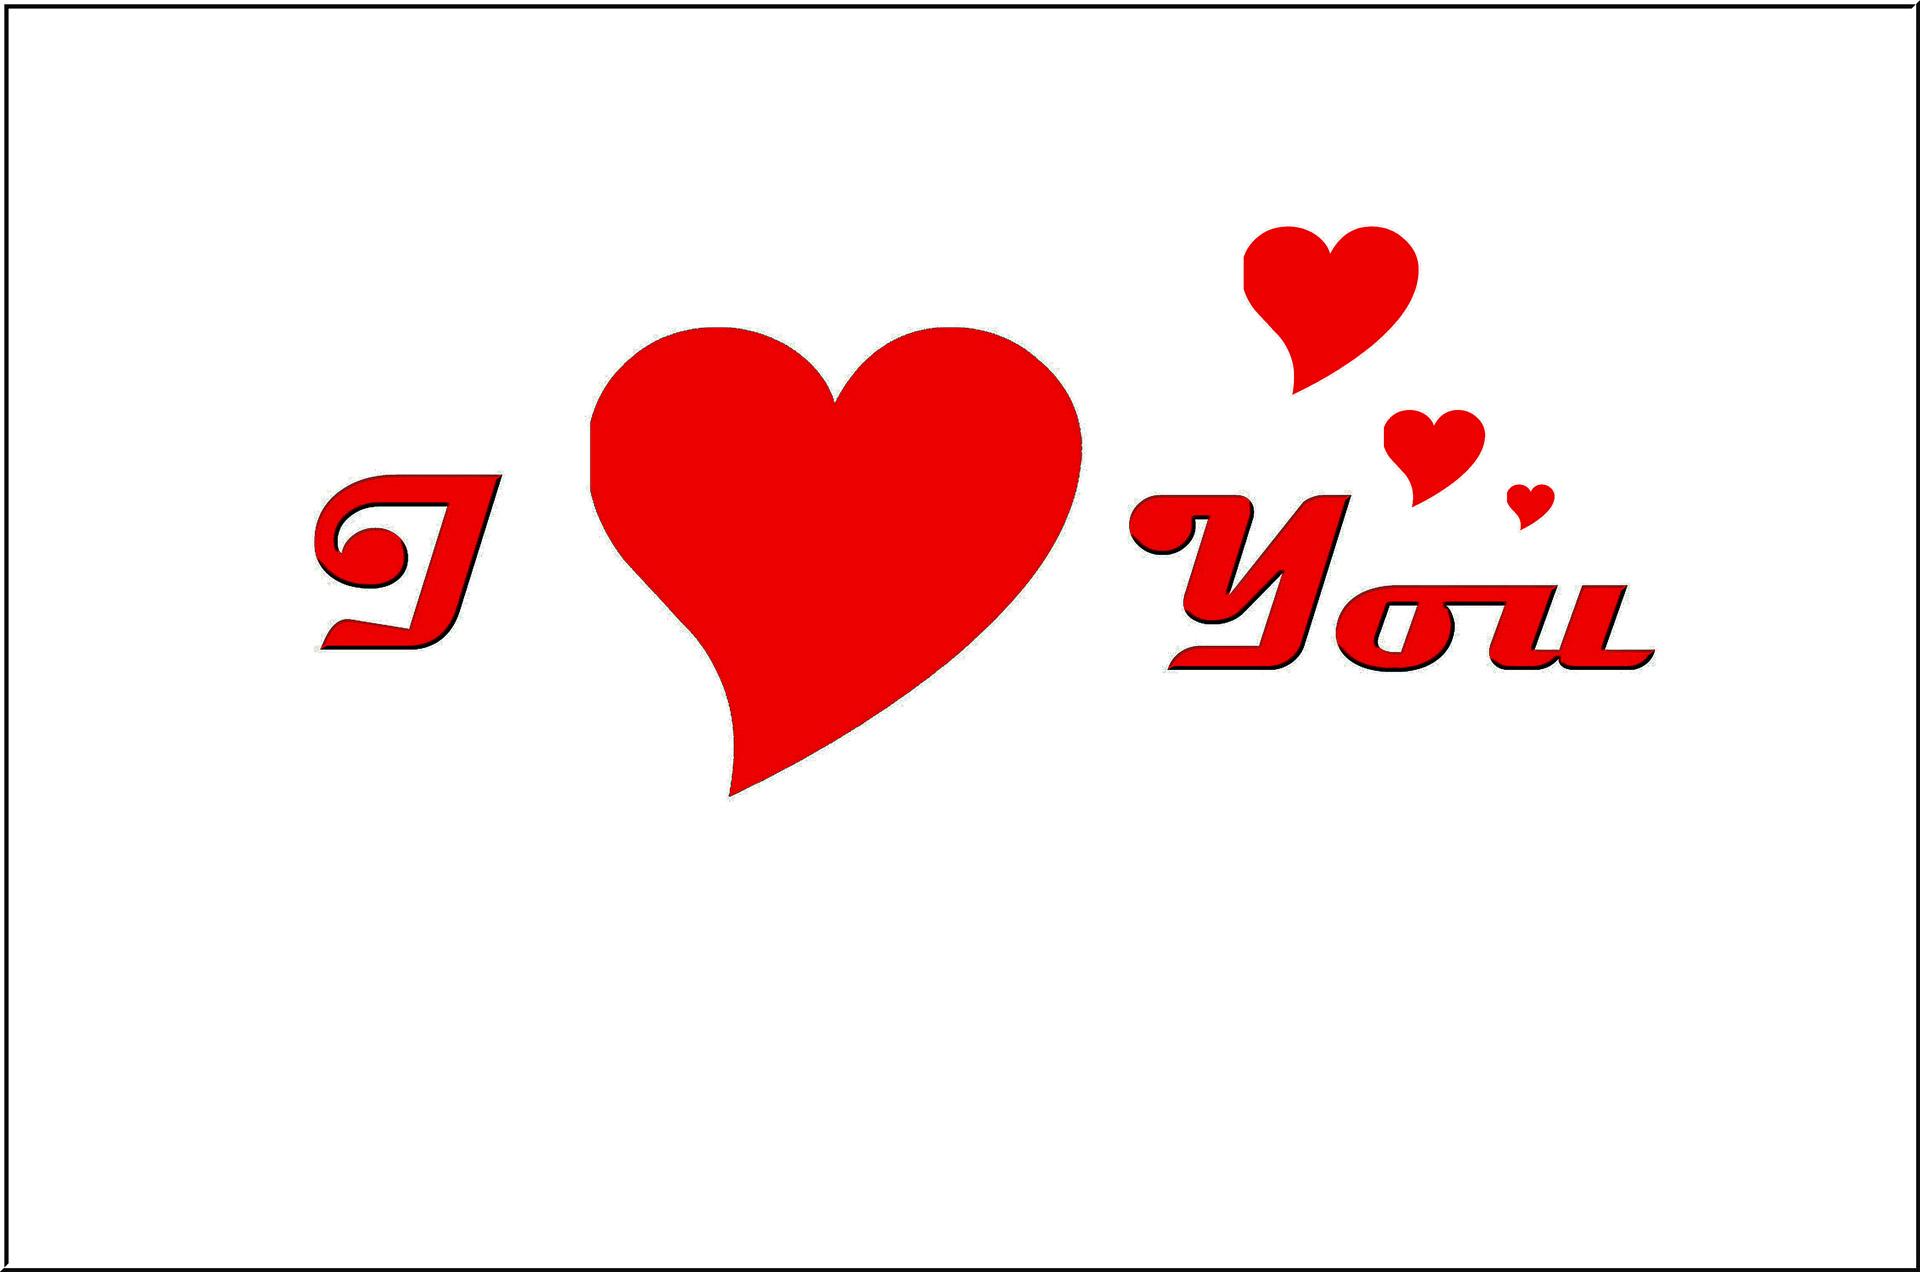 بالصور صور كلمة بحبك , اجمل تشكيله لصور كلمه بحبك 5784 7